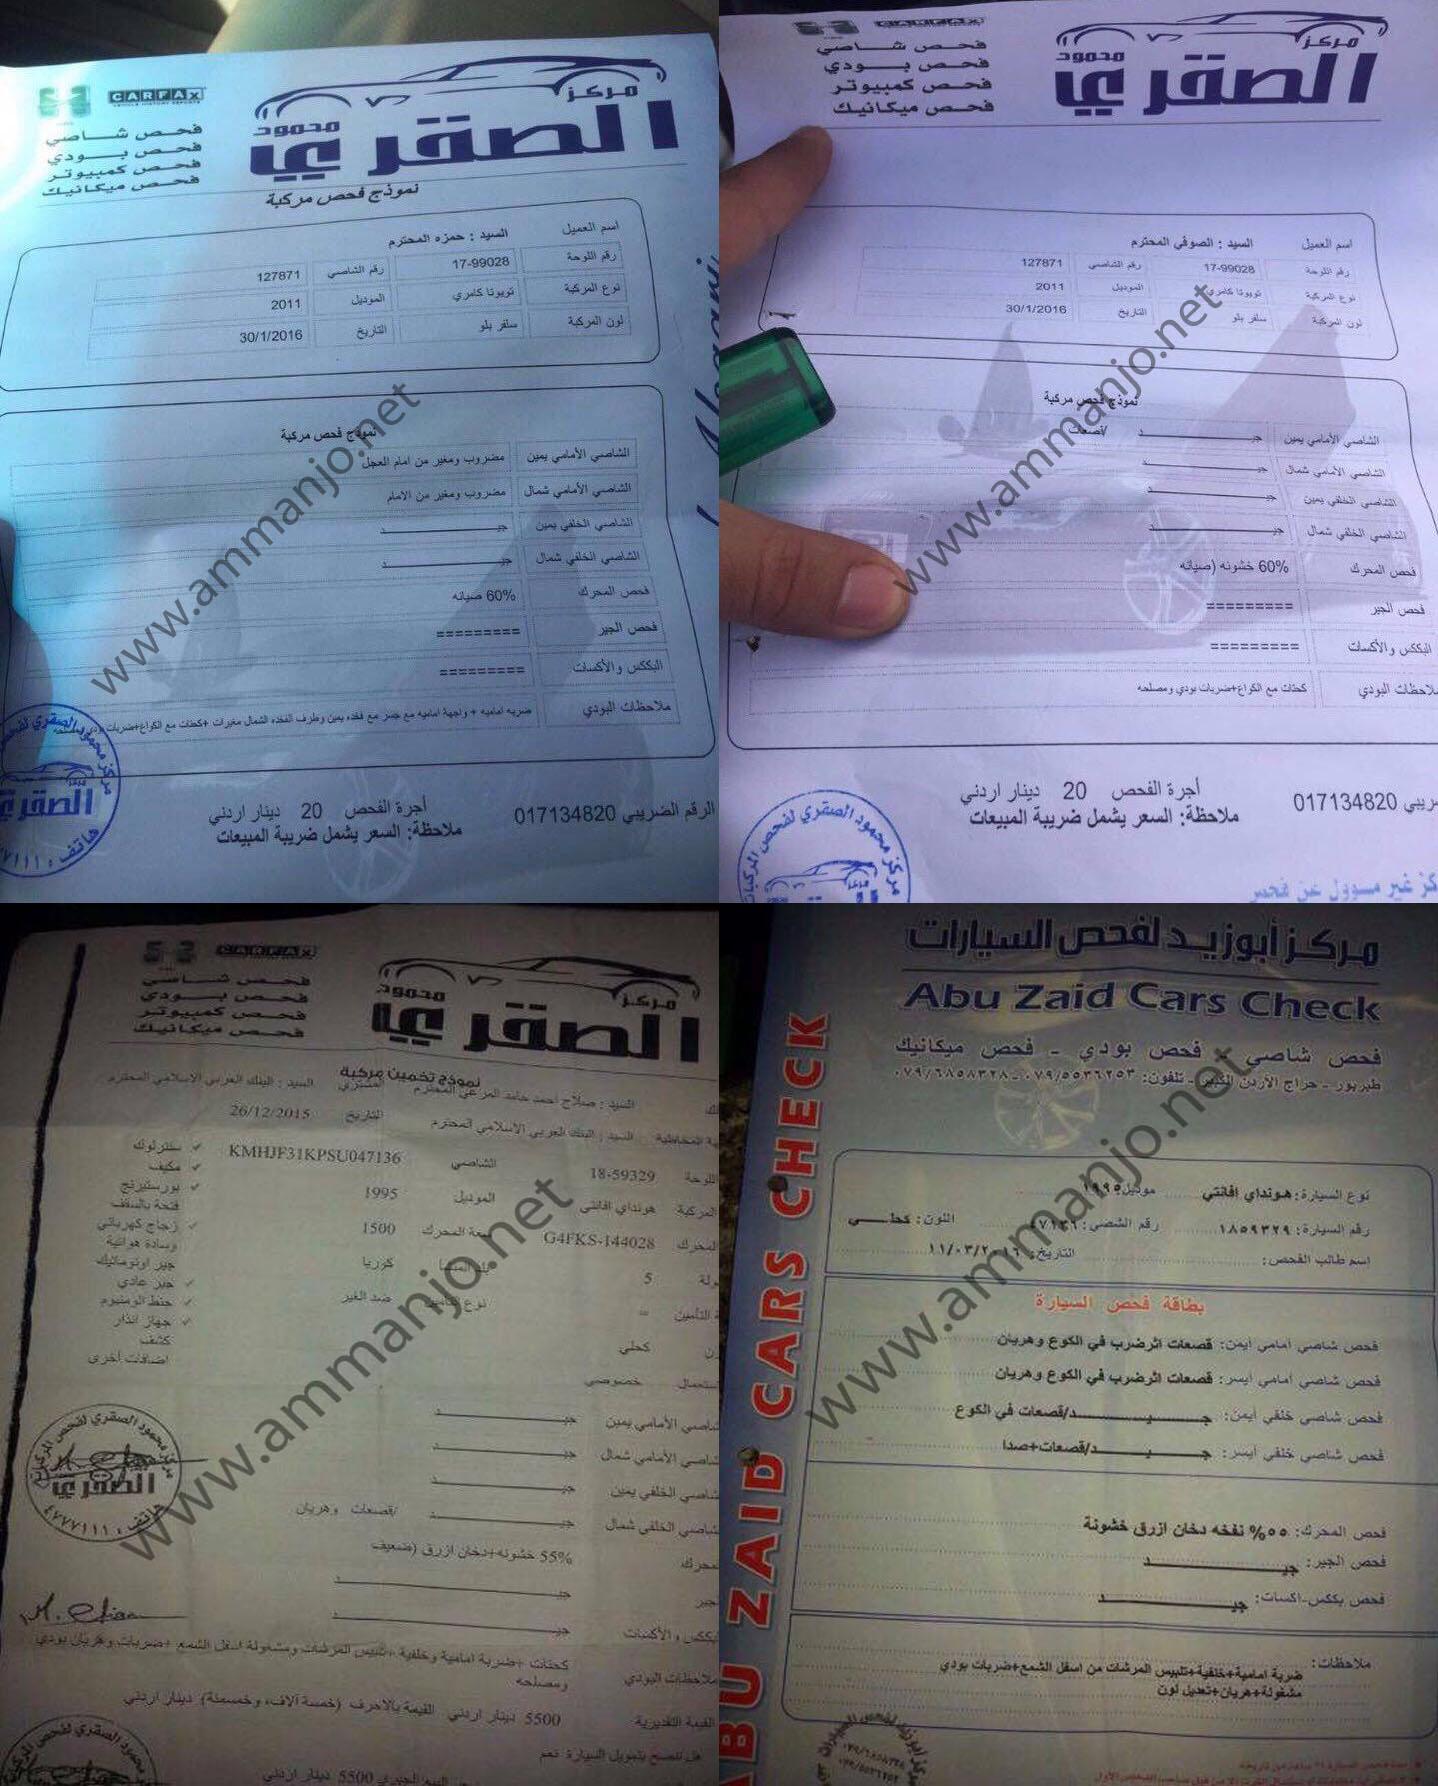 بالوثائق  ..  تحذير للأردنيين من غش وتلاعب في مركز محمود الصقري لفحص السيارات